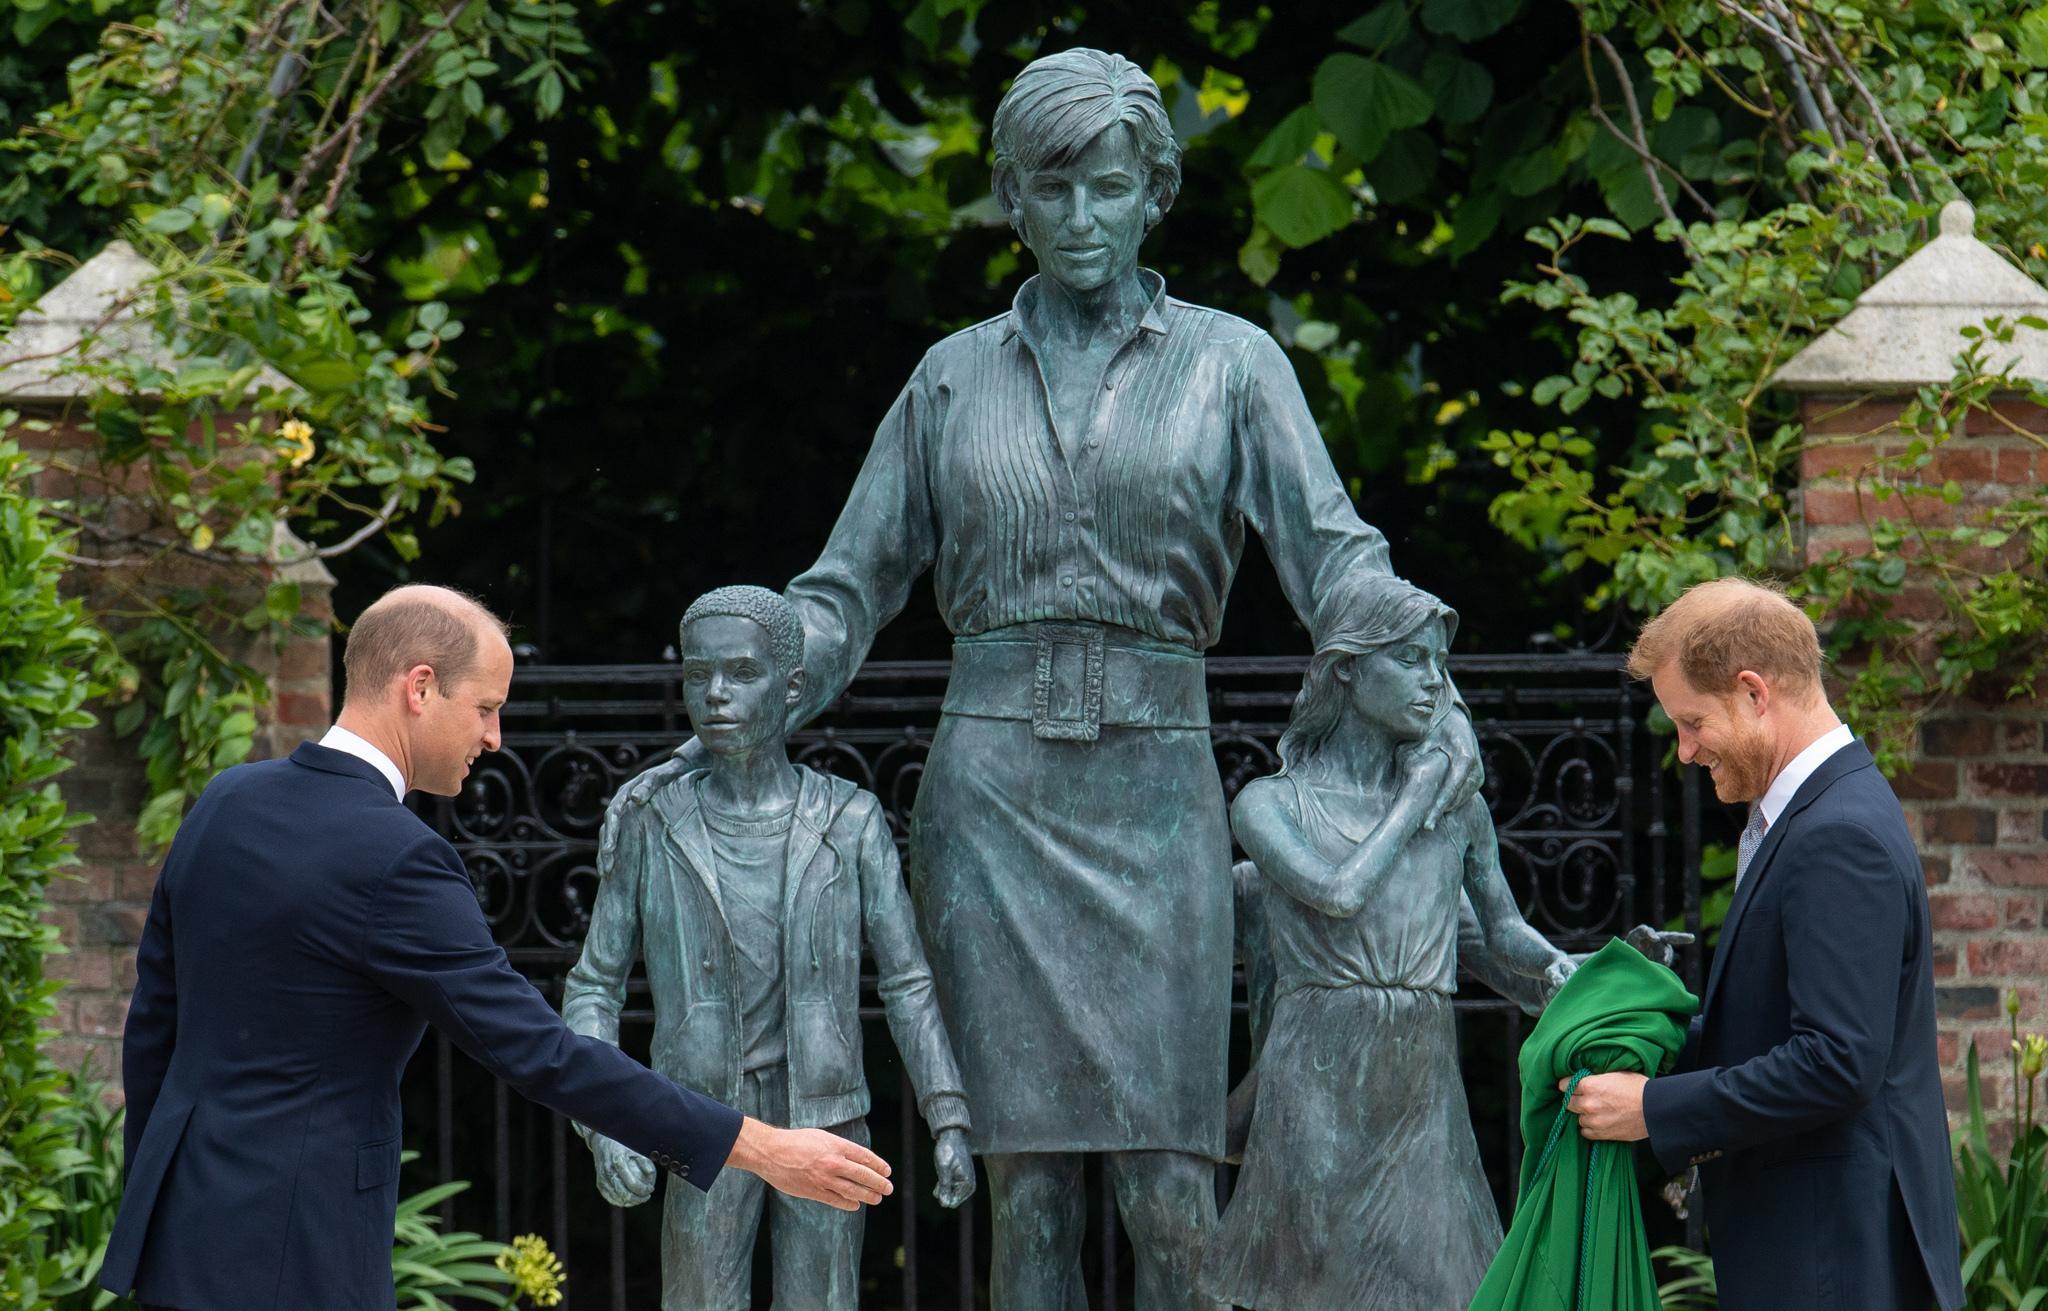 William y Harry se reencuentran en la inauguración de la estatua de su madre, Diana